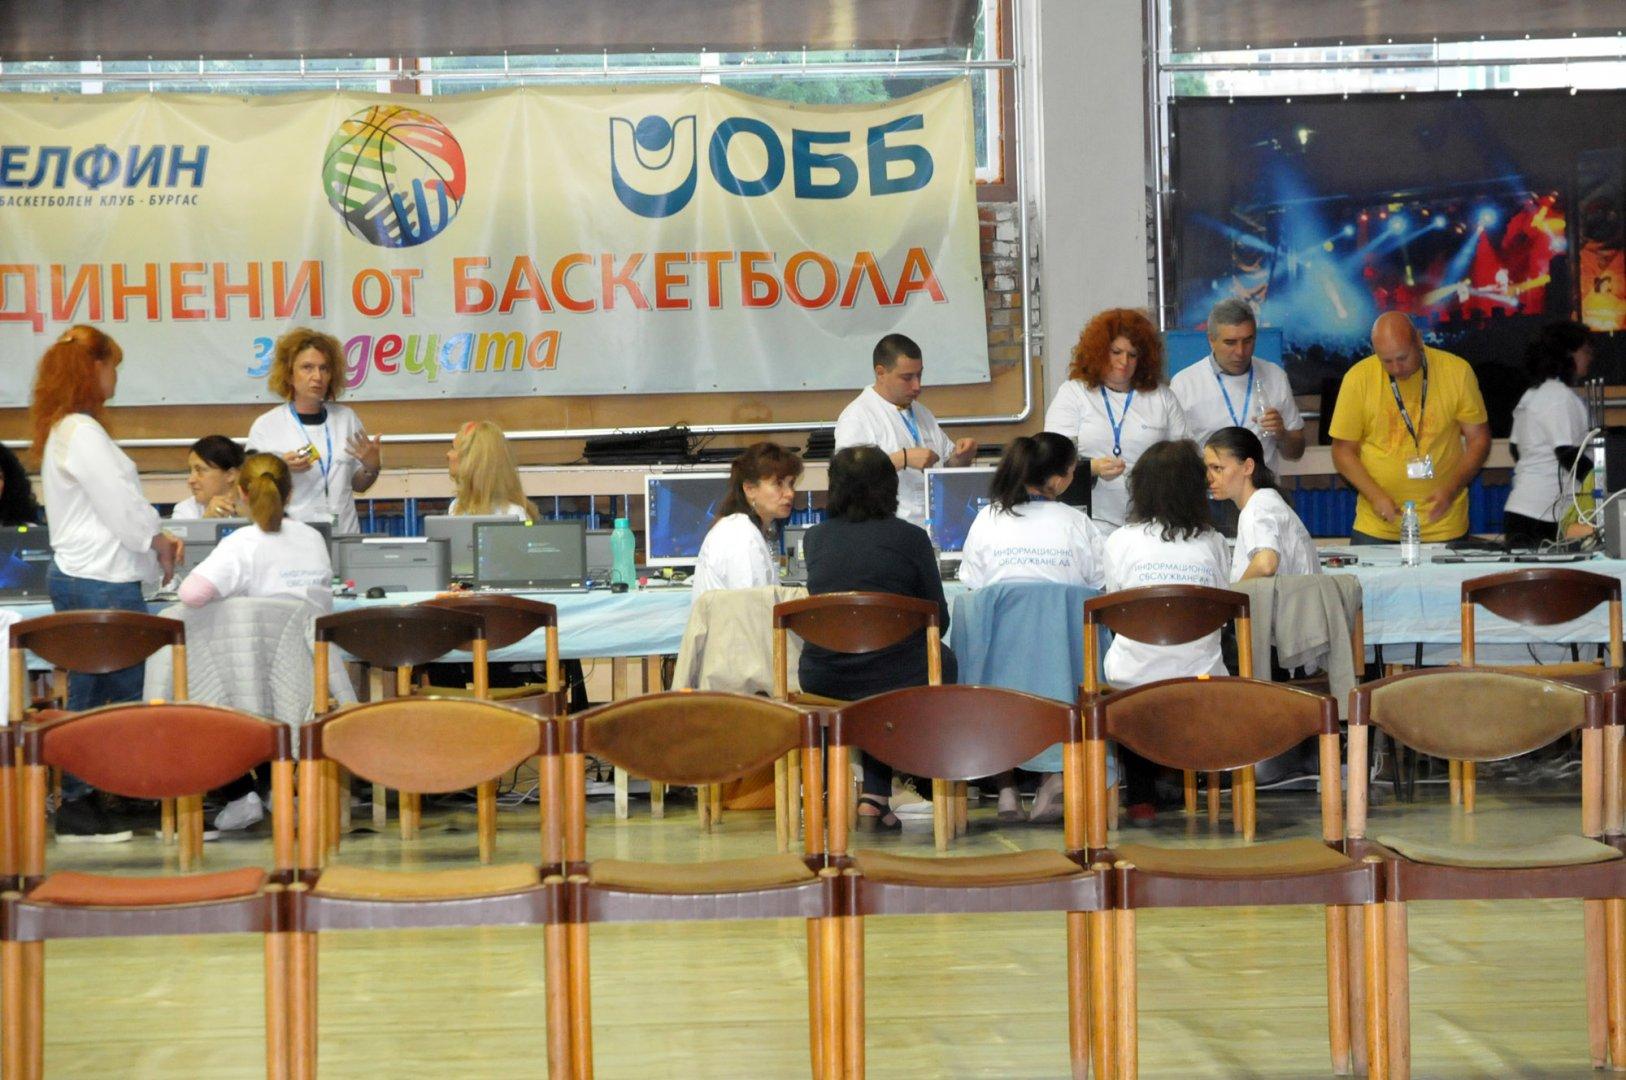 Изборните протоколи се обработваха в нощта на вота в зала Бойчо Брънзов. Снимка Лина Главинова